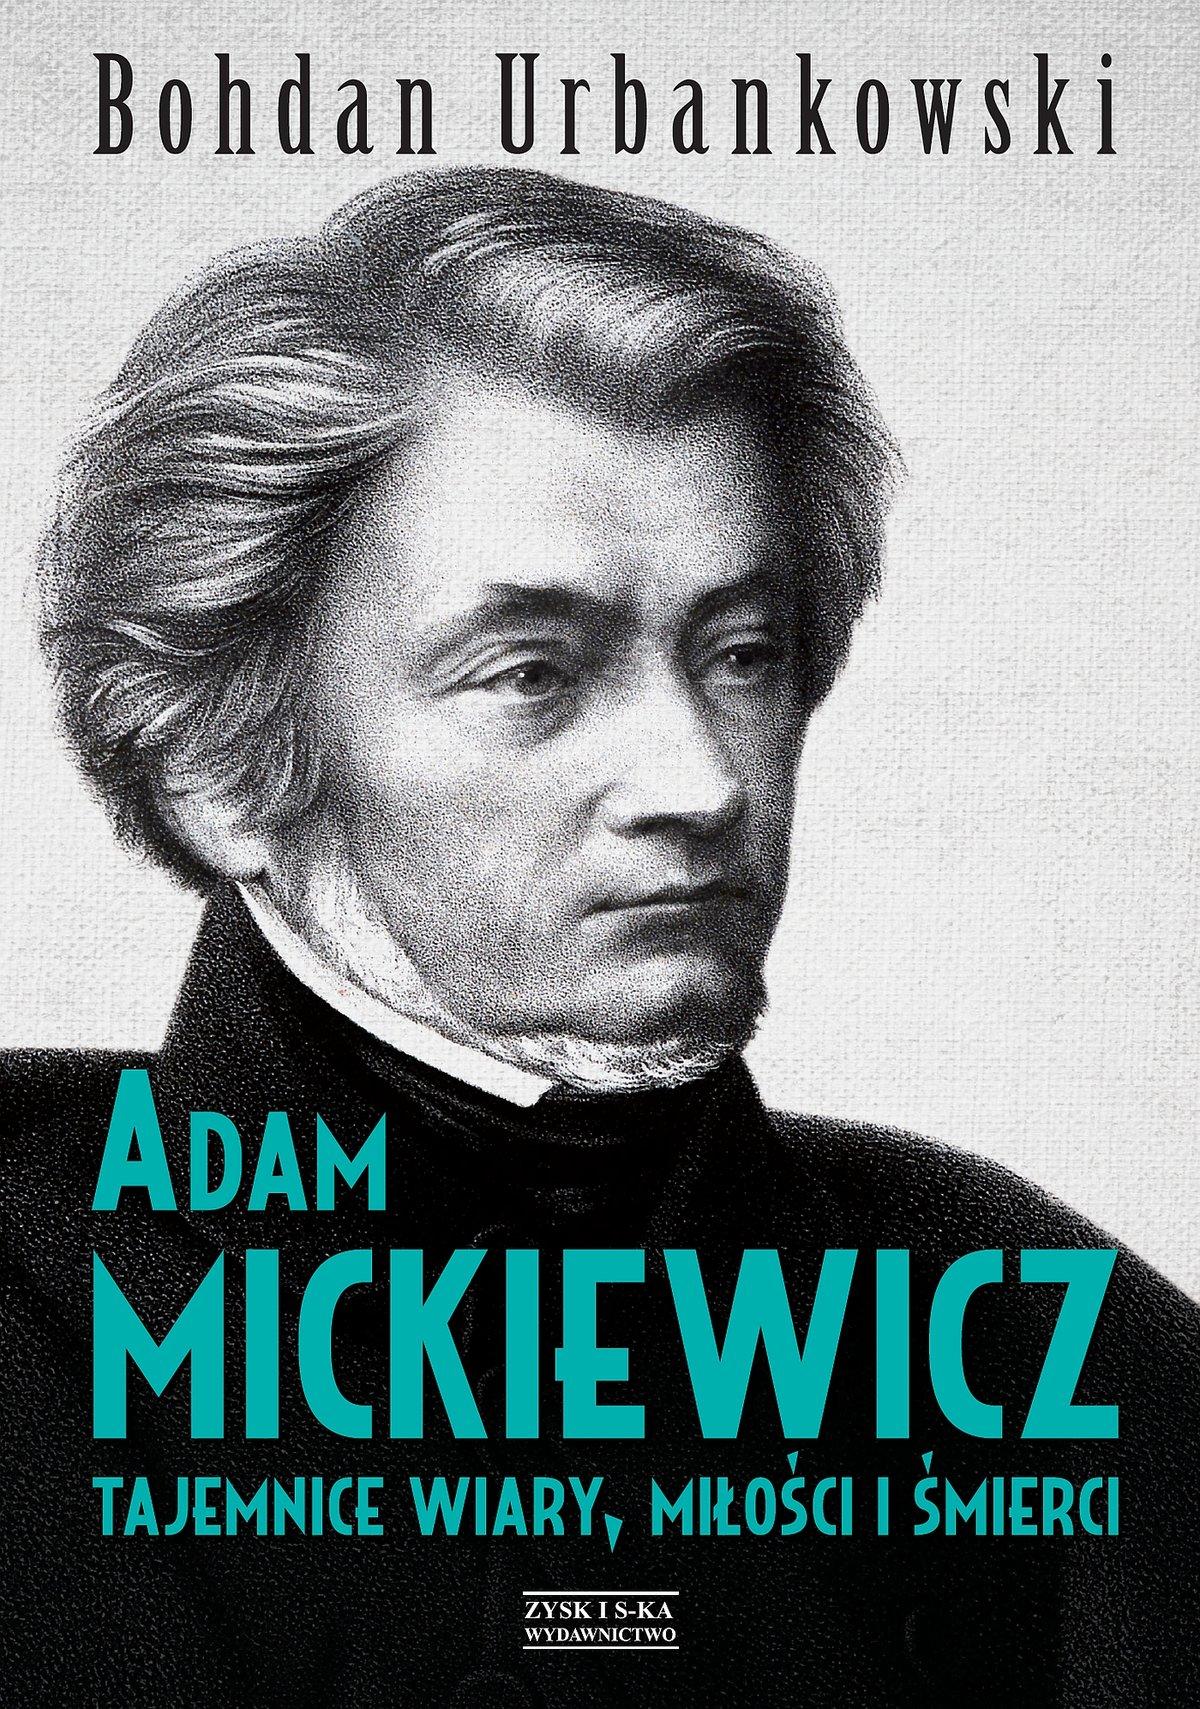 Adam Mickiewicz. Tajemnice wiary, miłości i śmierci - Ebook (Książka EPUB) do pobrania w formacie EPUB